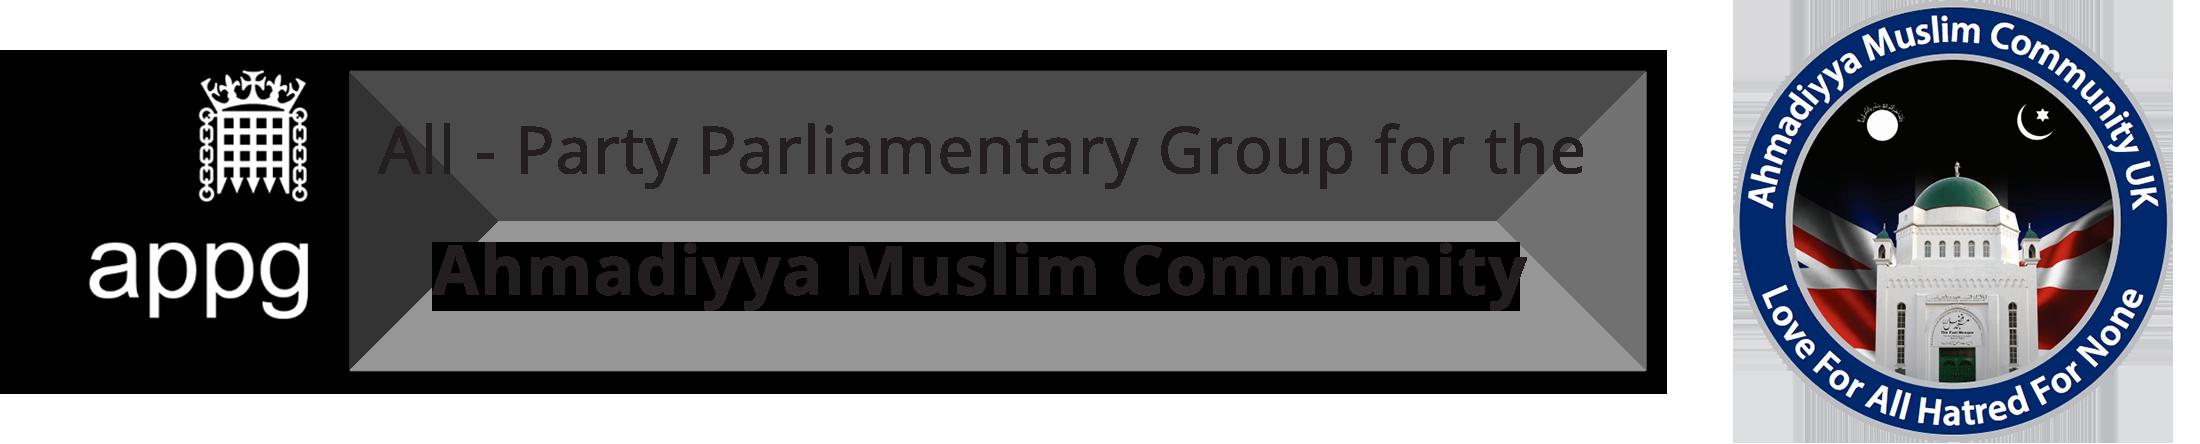 APPG Ahmadiyya Muslim Community